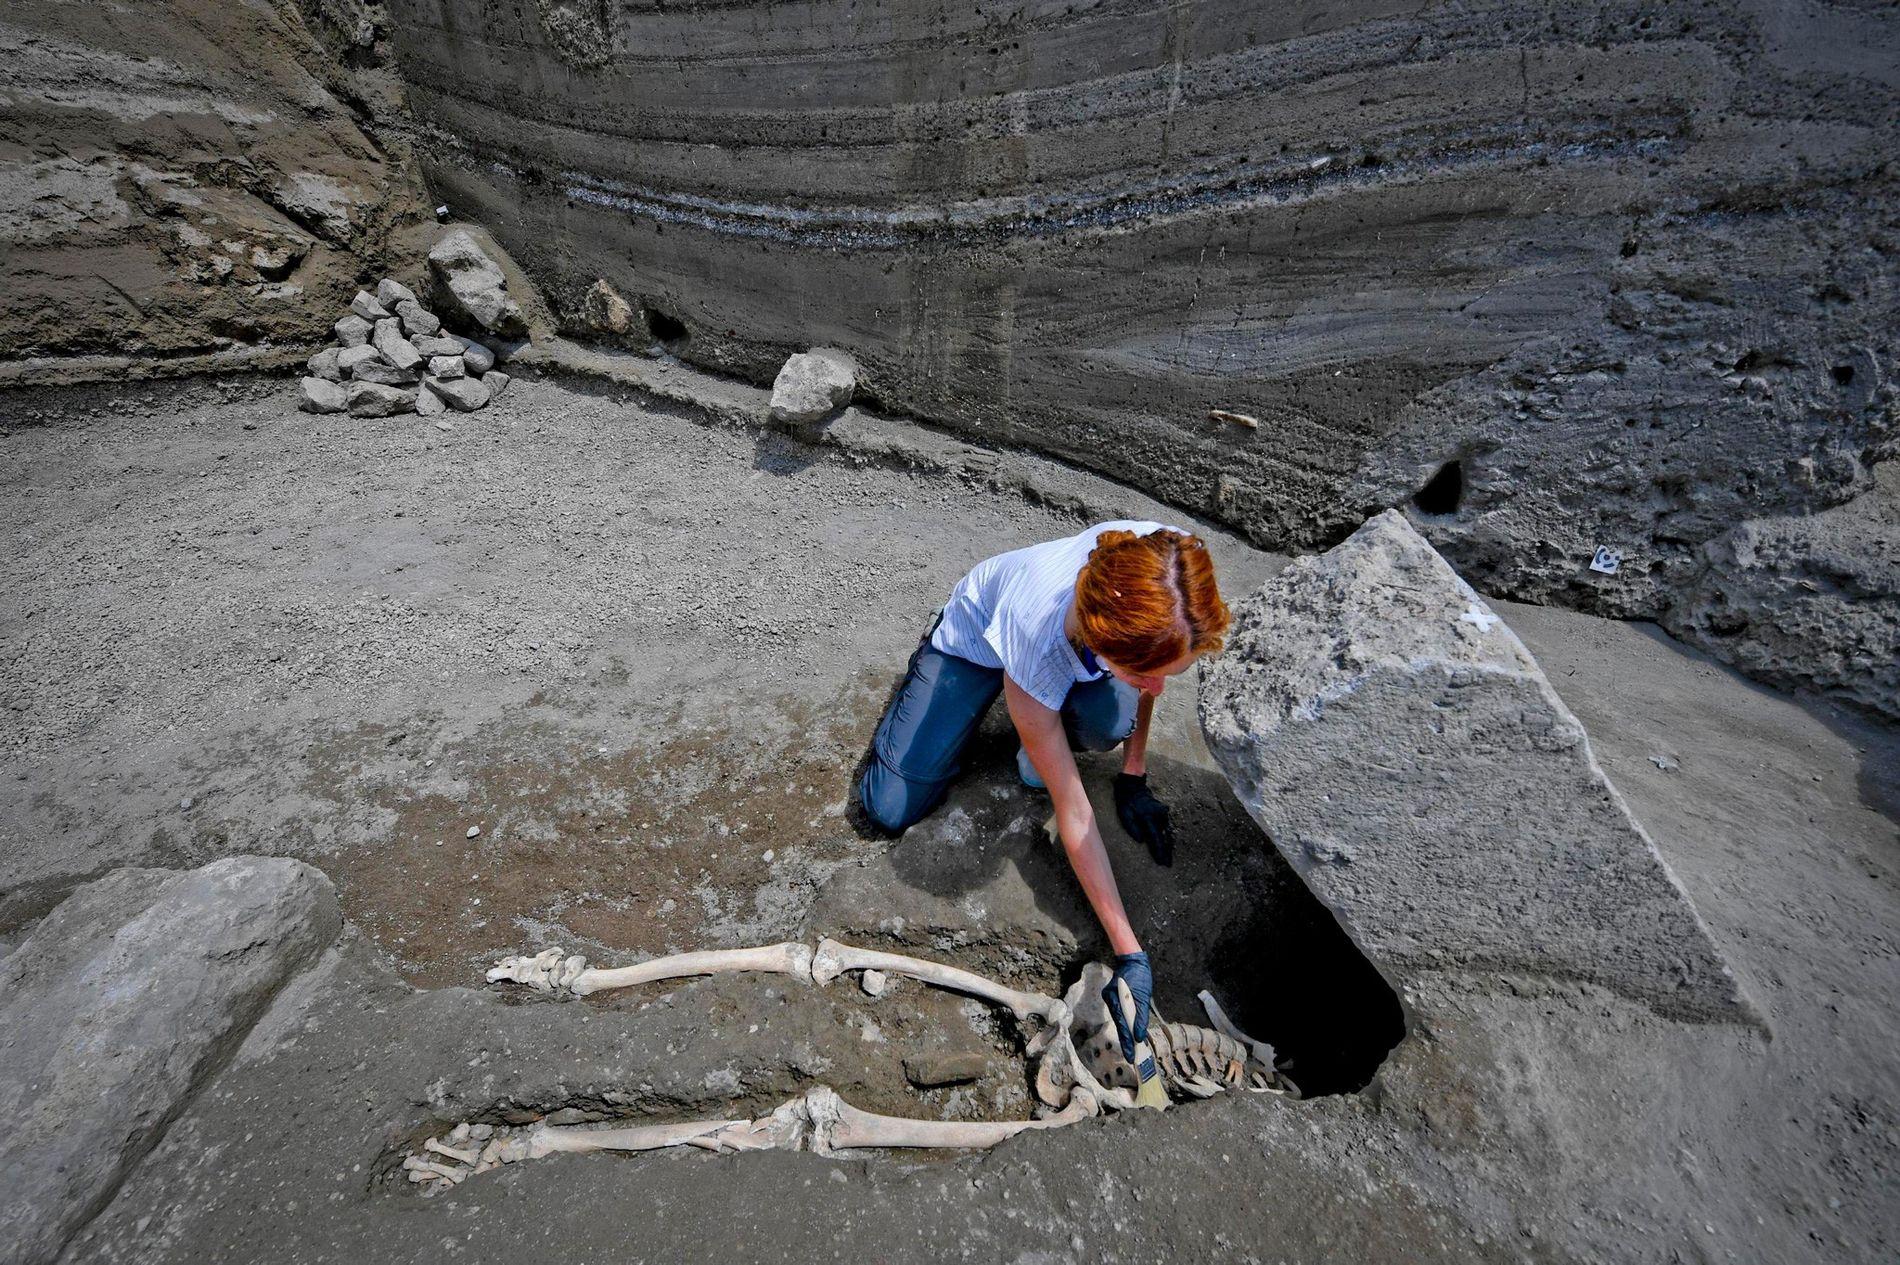 Os restos mortais de um homem.